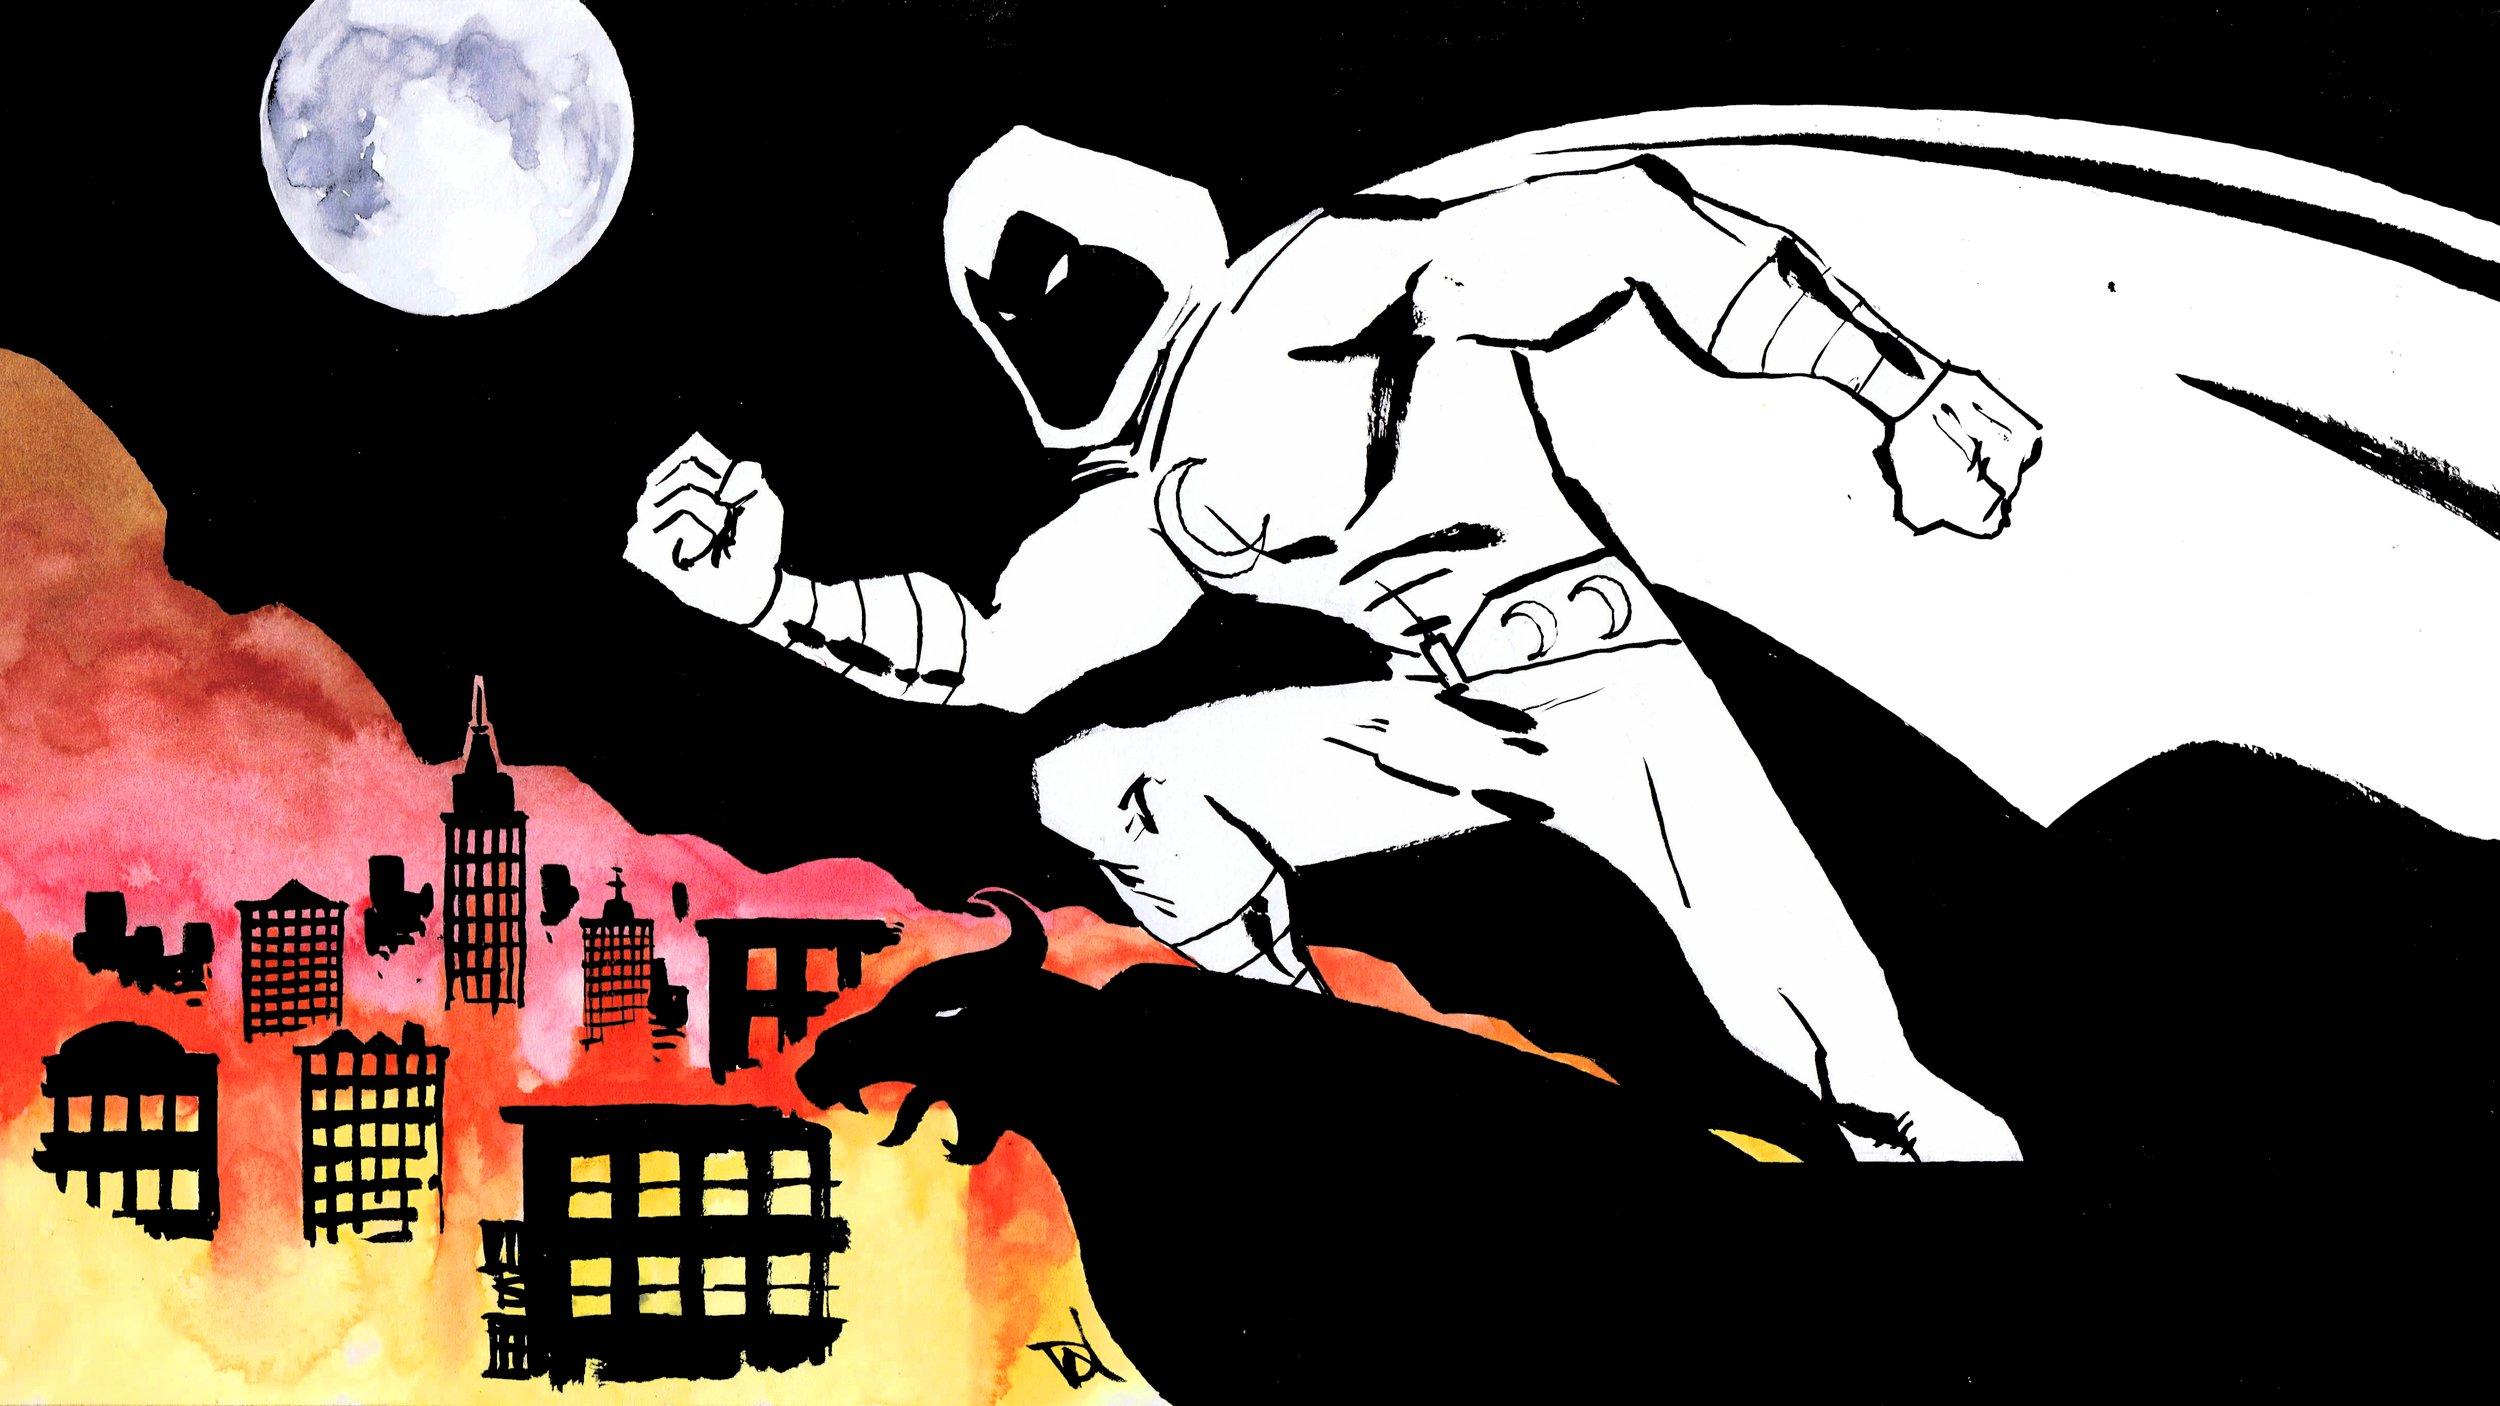 Mr Moon Knight, art by David Wynne